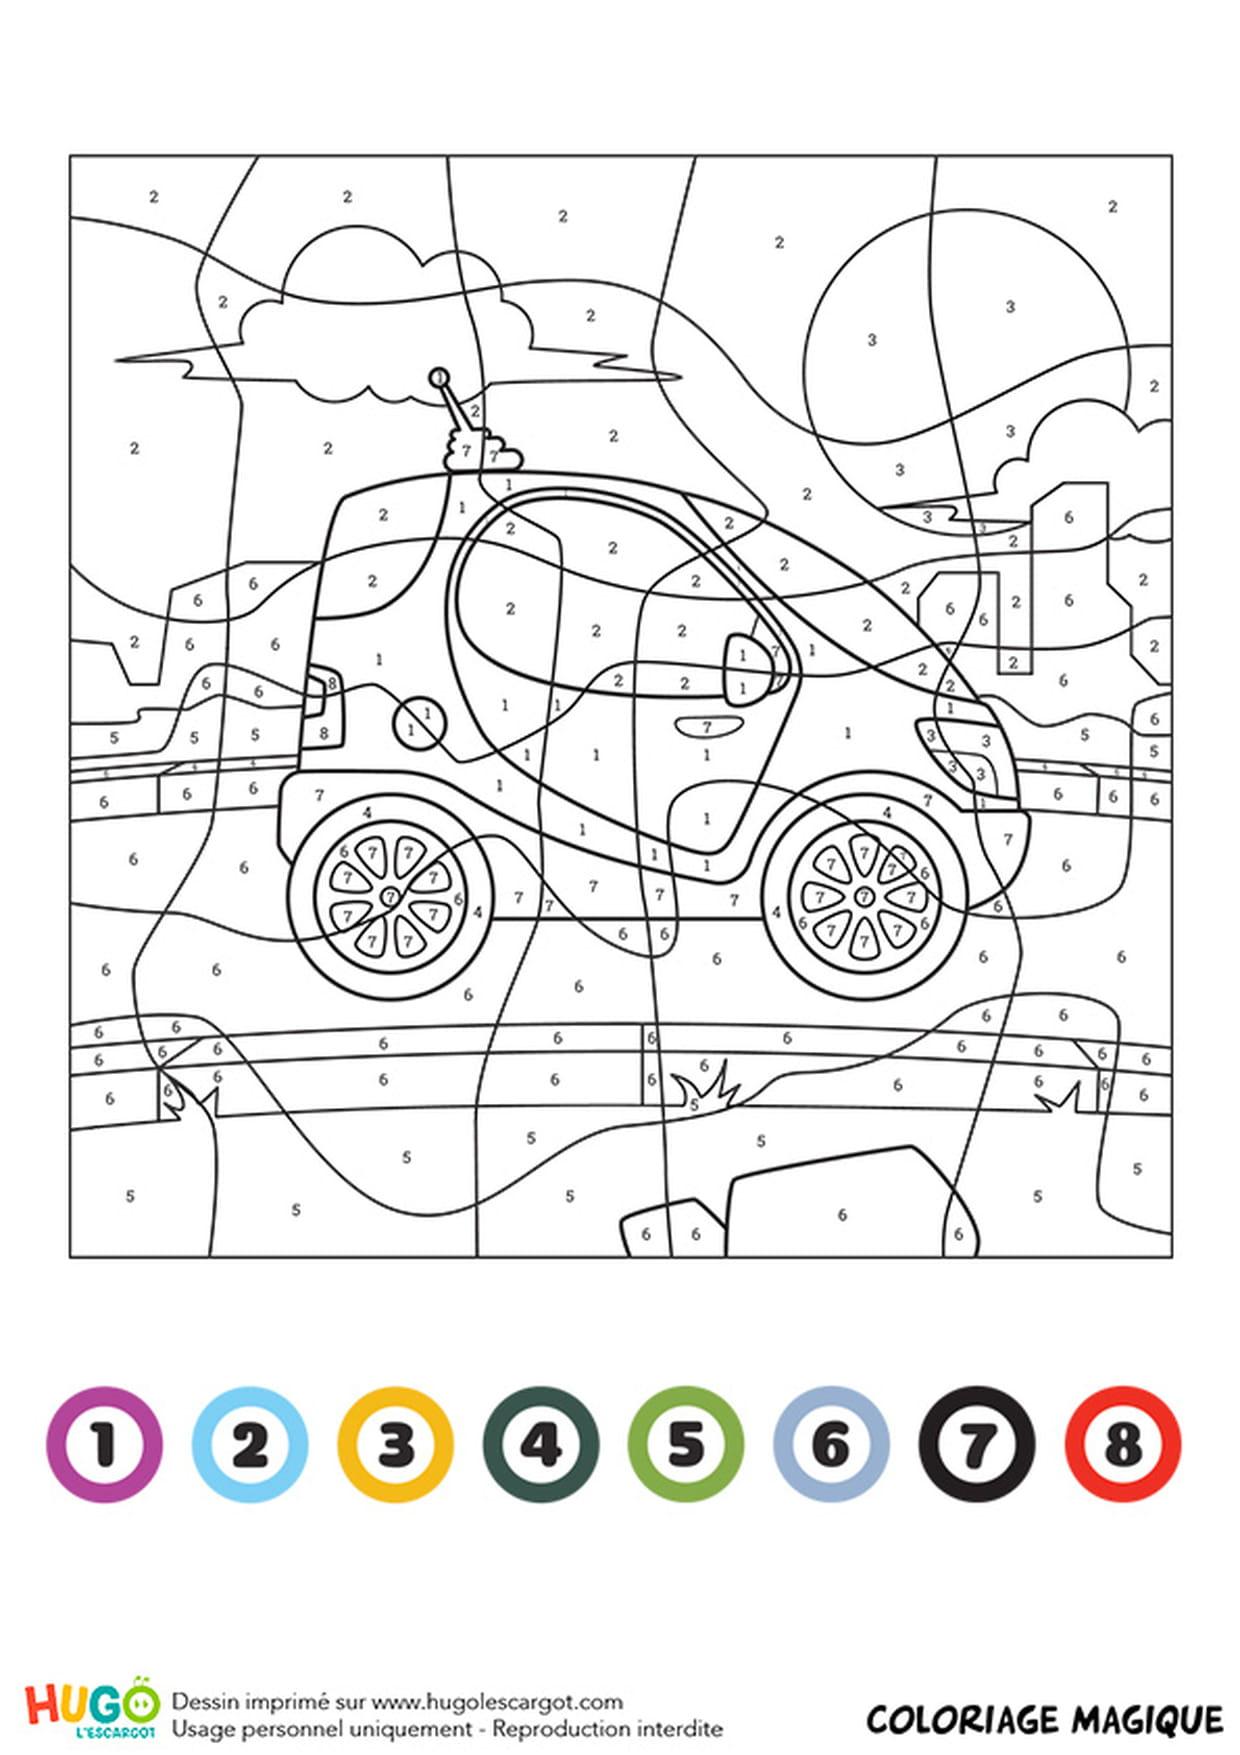 Coloriage Magique Ce1 : Une Mini Voiture Dedans Coloriage destiné Voiture Int?Rieur Coloriage